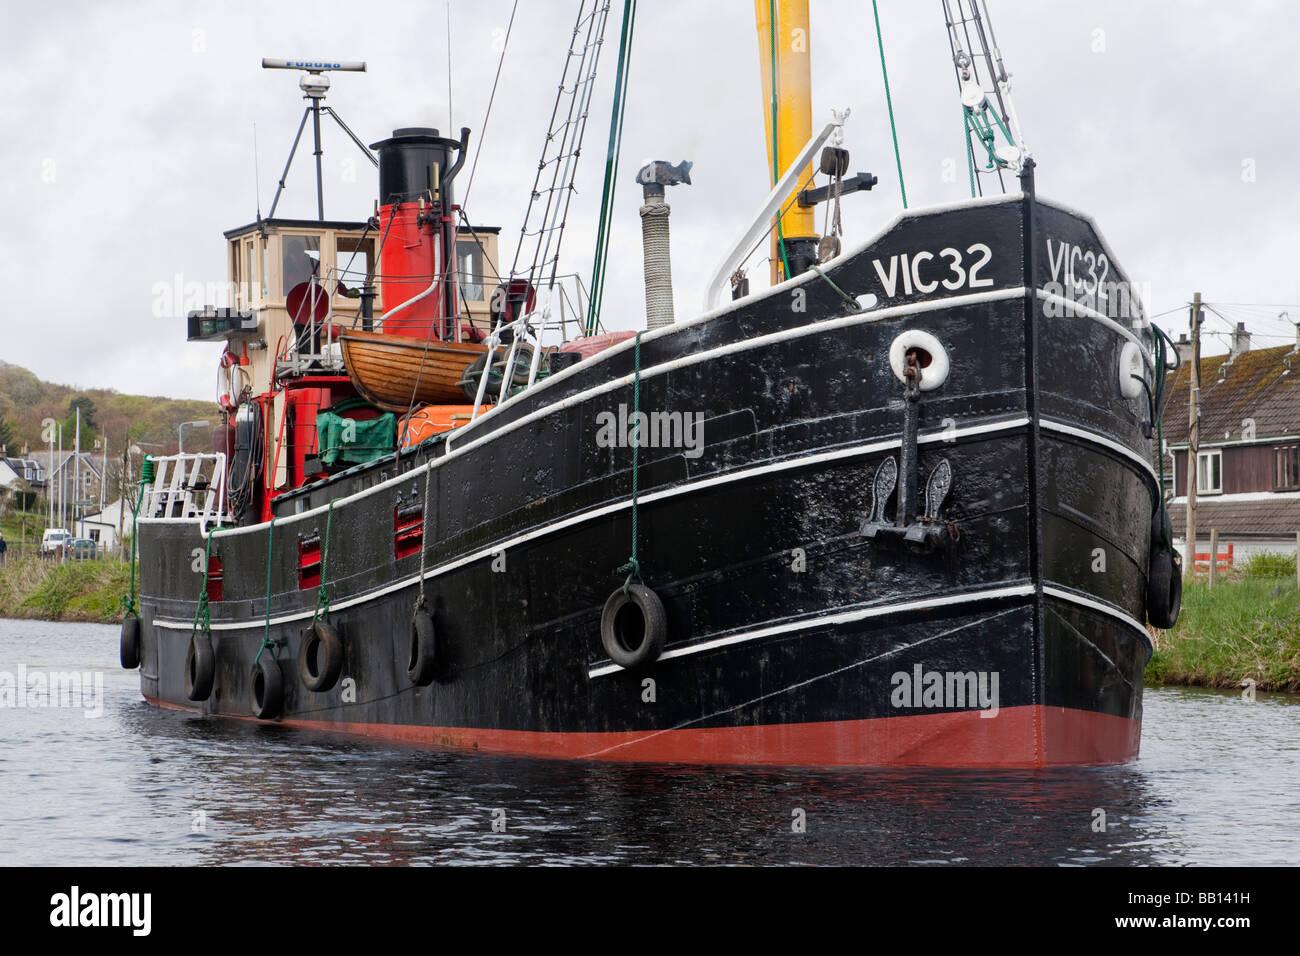 S. L. VIC 32 on the Crinan Canal at Ardrishaig Stock Photo